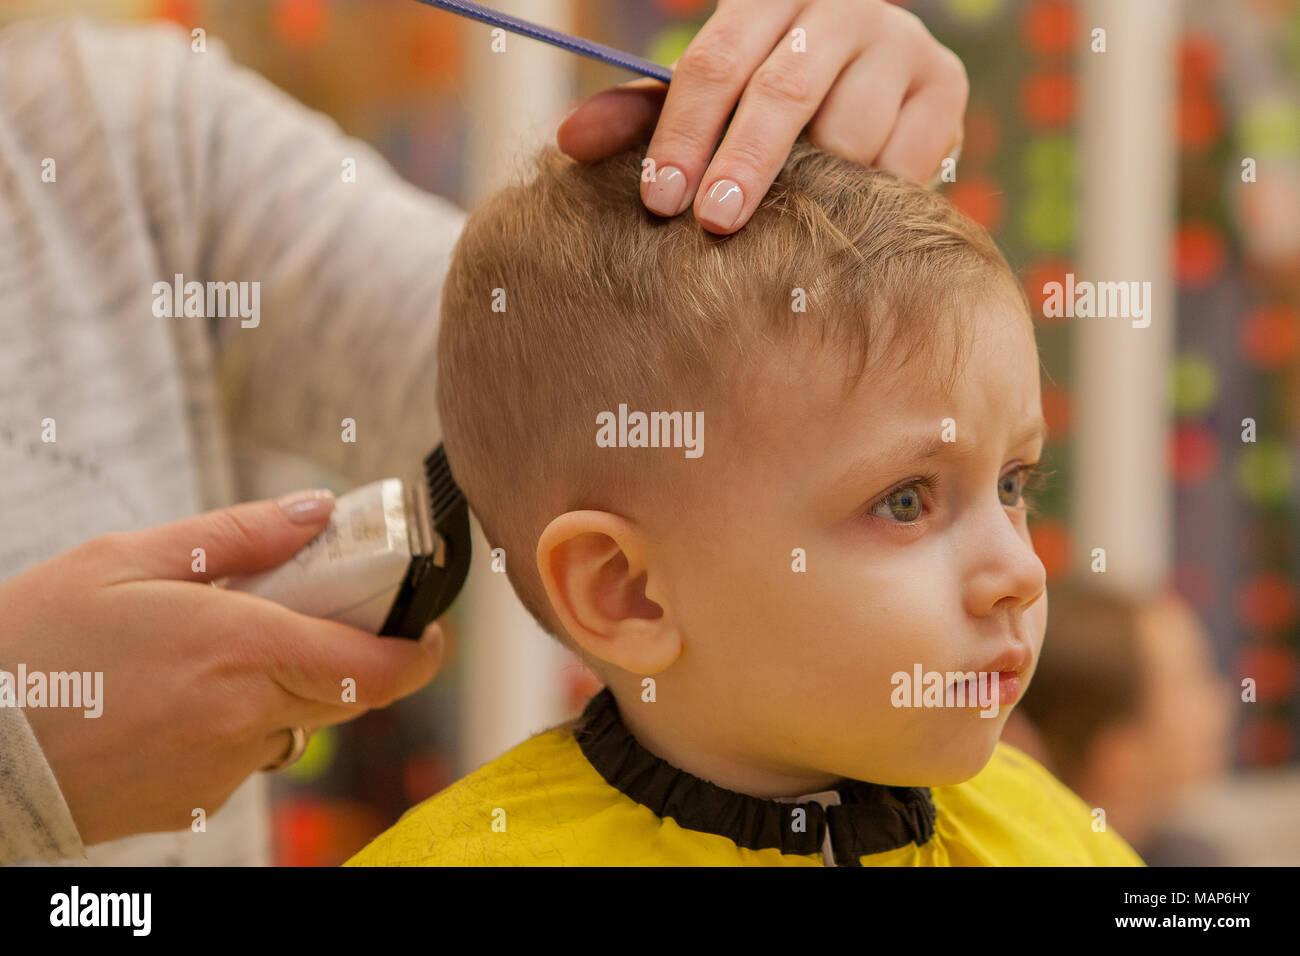 Welcher Haarschnitt Fur Kleine Frauen